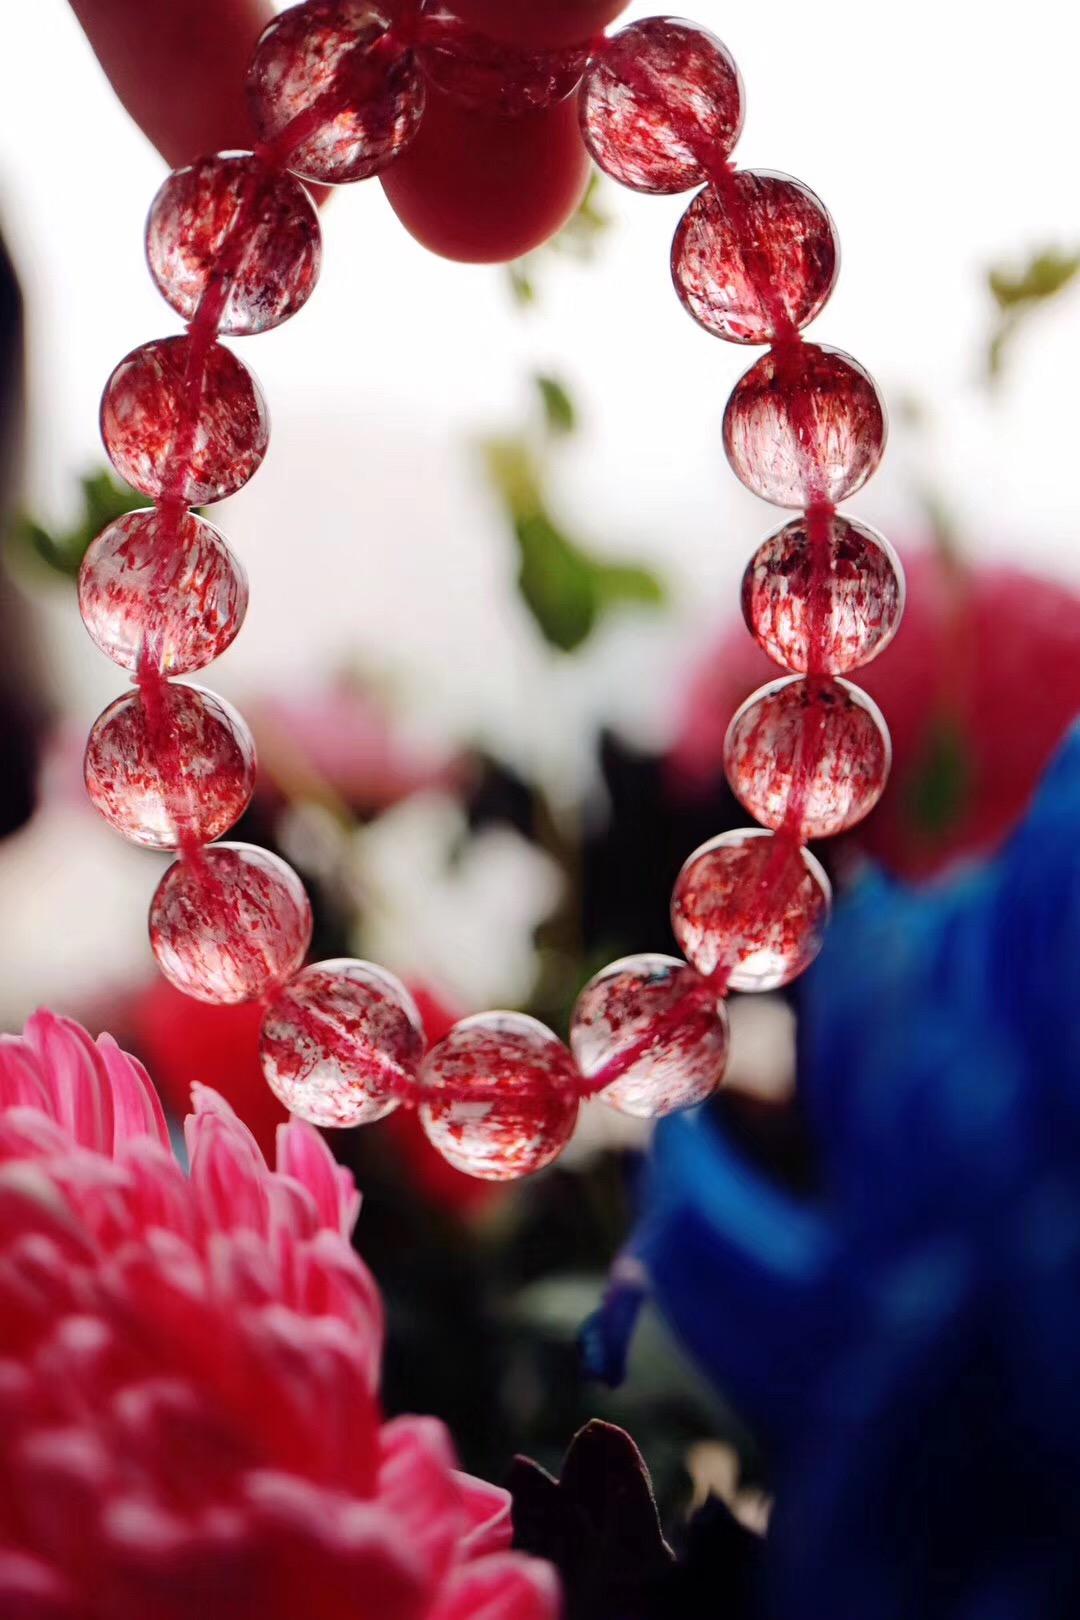 【菩心   超七金草莓晶】倘若有爱有暖相随,便会一路花香满径-菩心晶舍